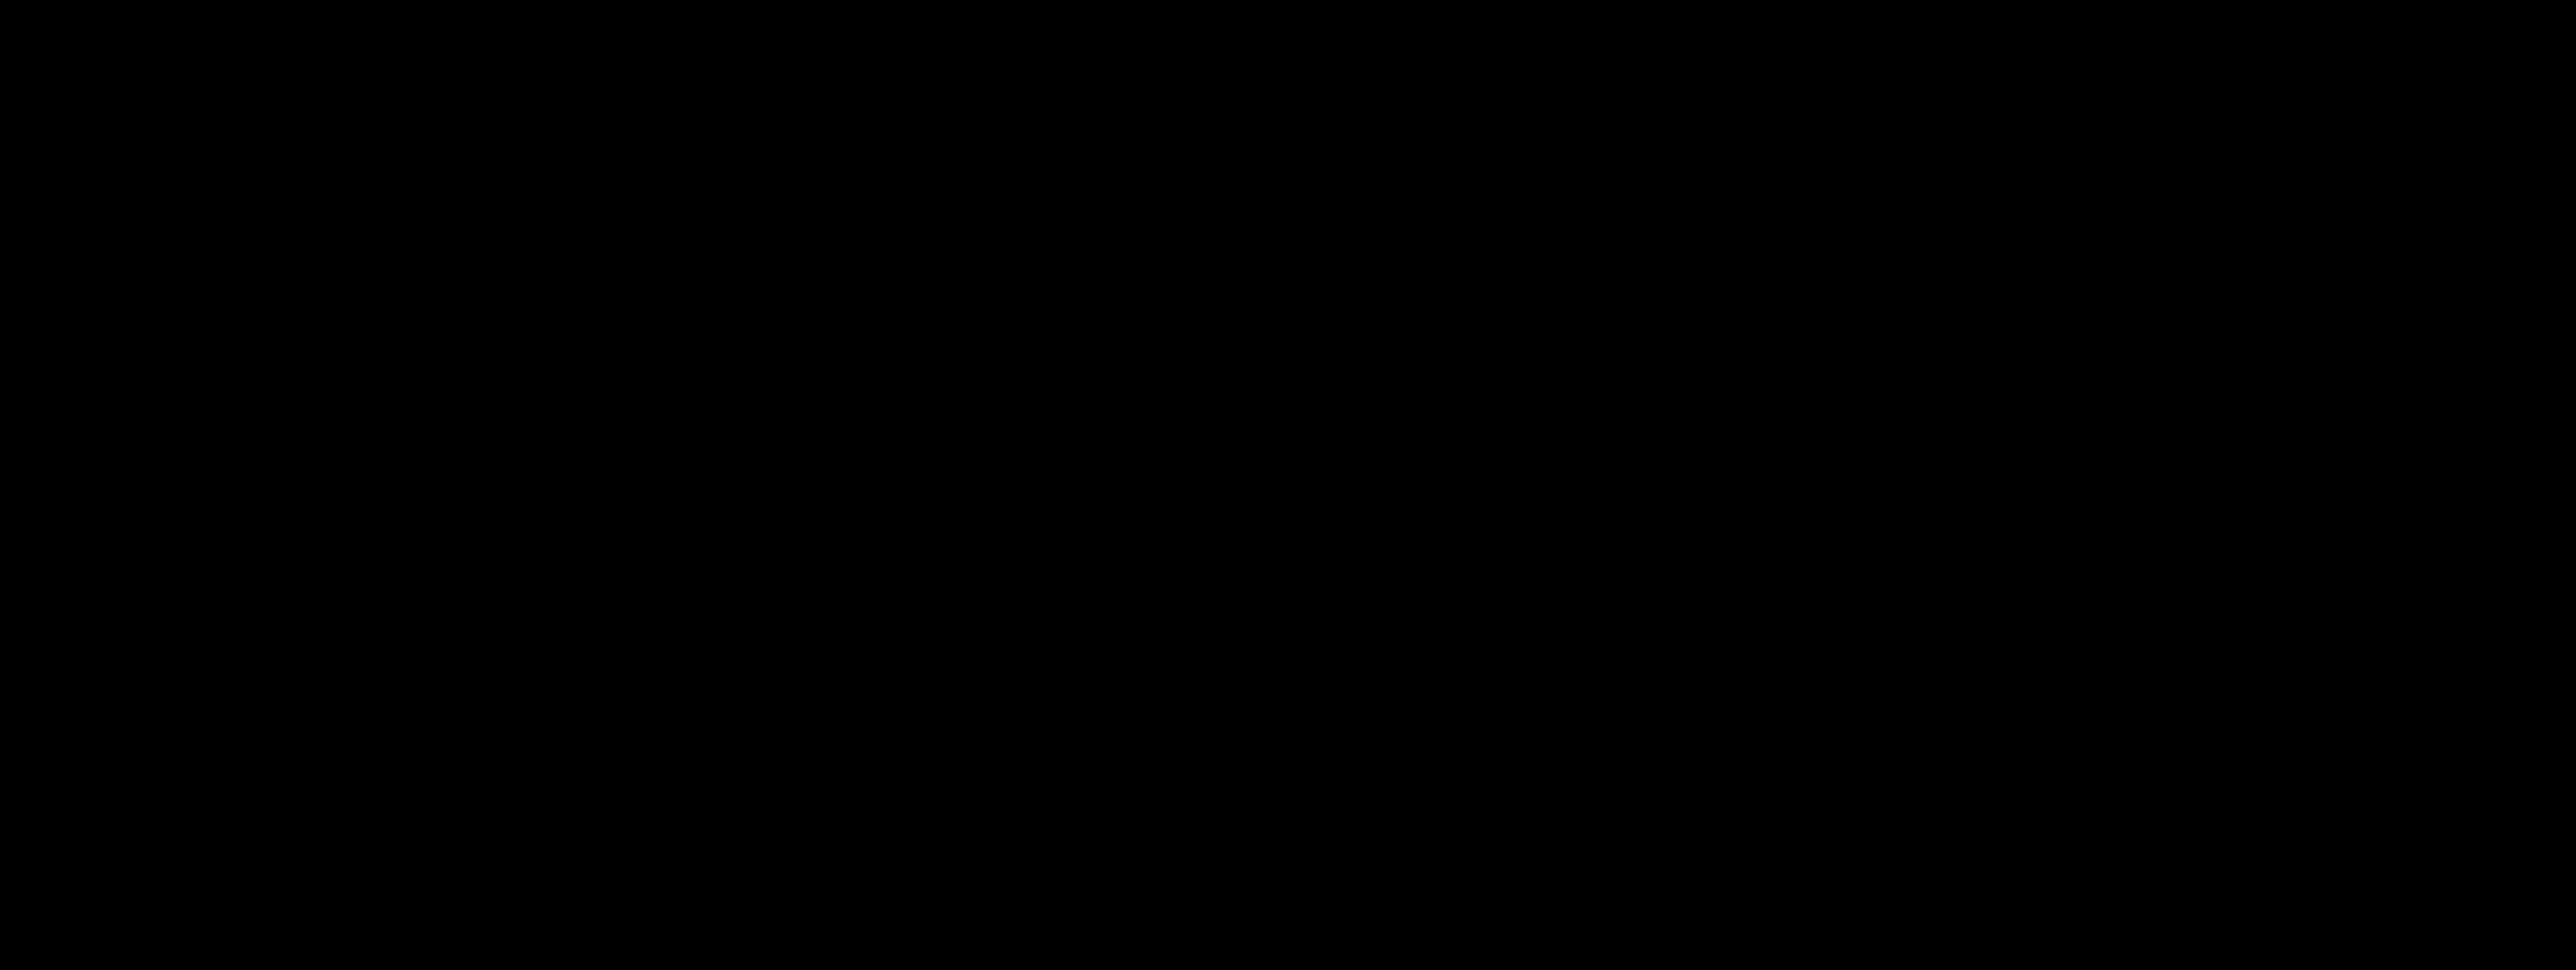 BG-BLACK